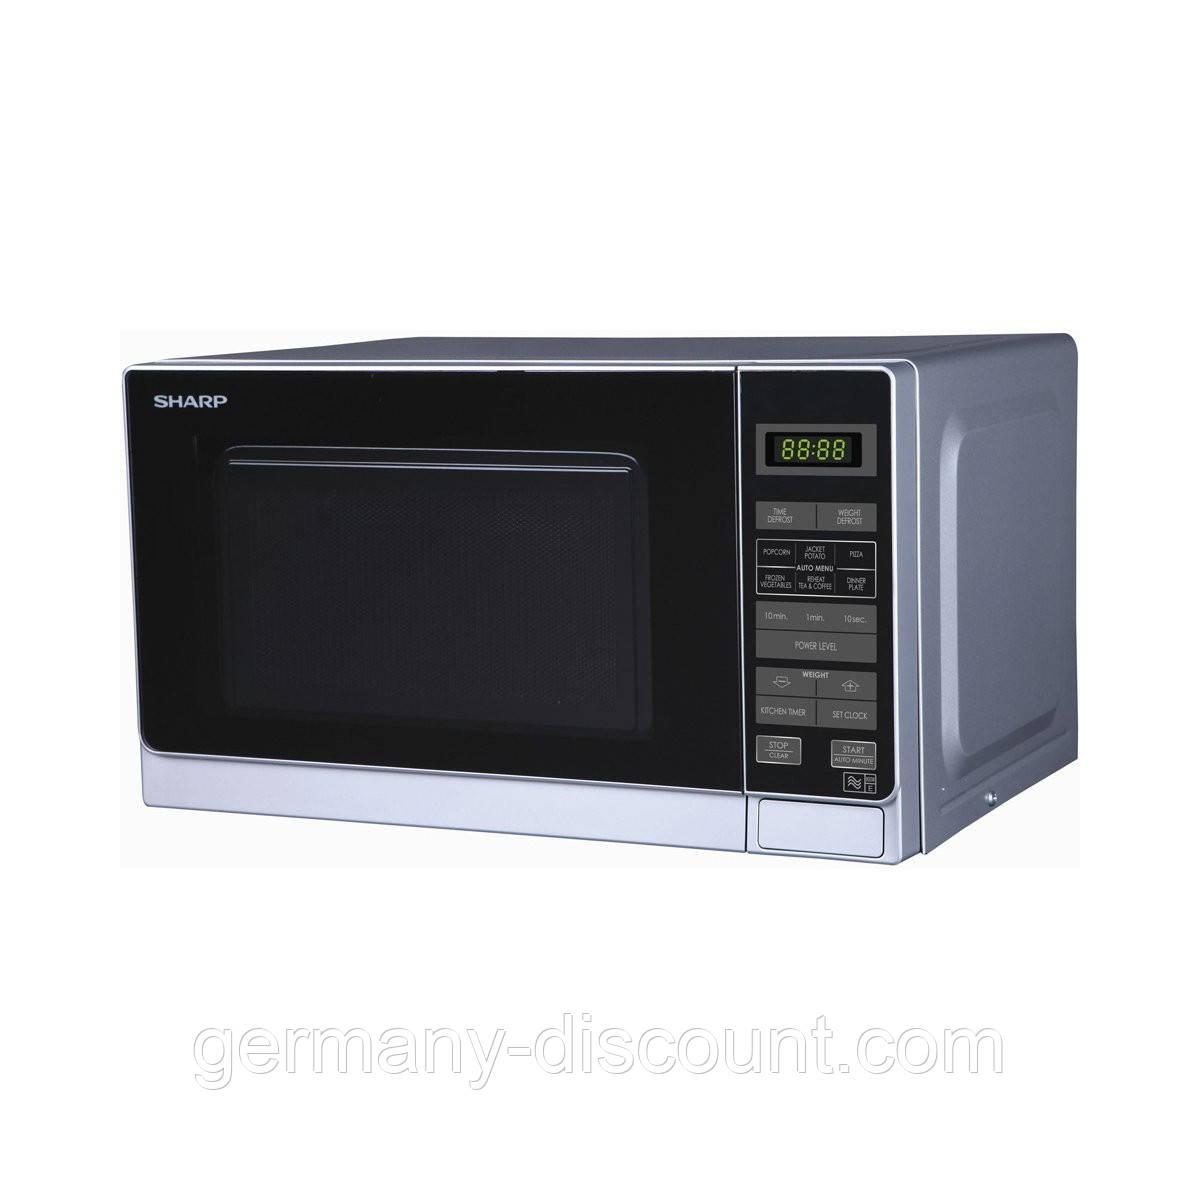 Микроволновая печь с сенсорным управлением, Sharp R-272(W)M